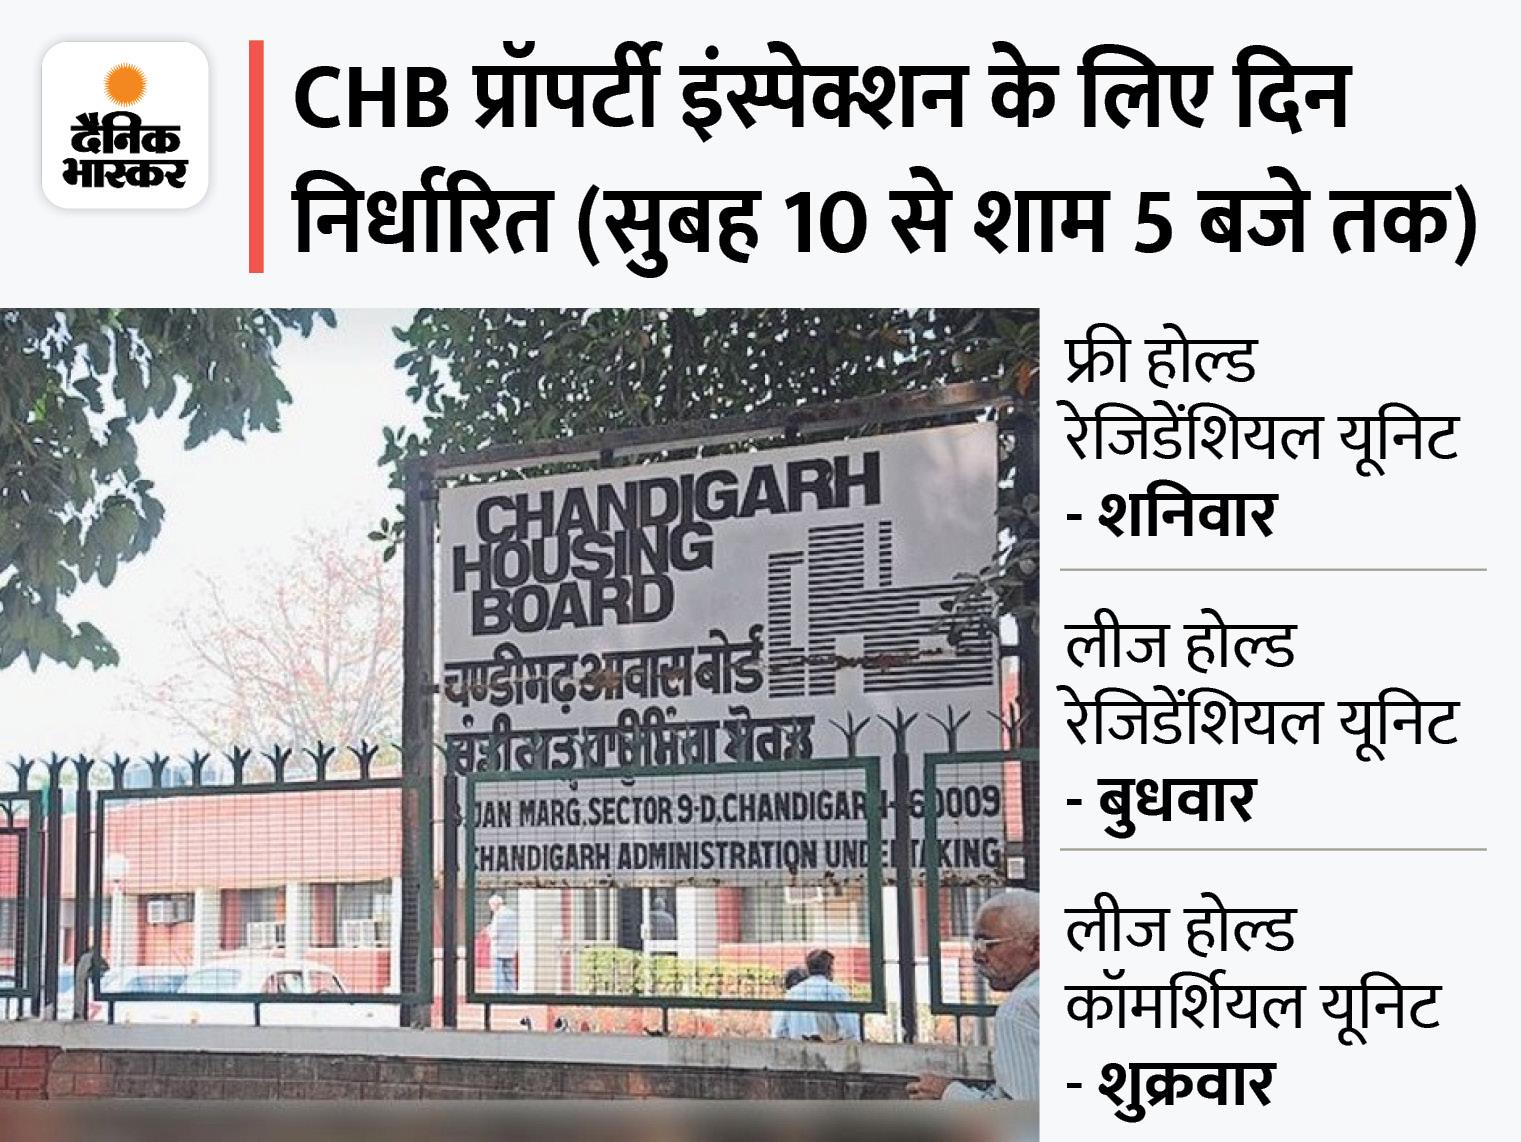 CHB ने रेजिडेंशियल और कमर्शियल प्रापर्टी खरीदने की अंतिम तिथि को 19 अक्टूबर तक बढ़ाया|चंडीगढ़,Chandigarh - Dainik Bhaskar